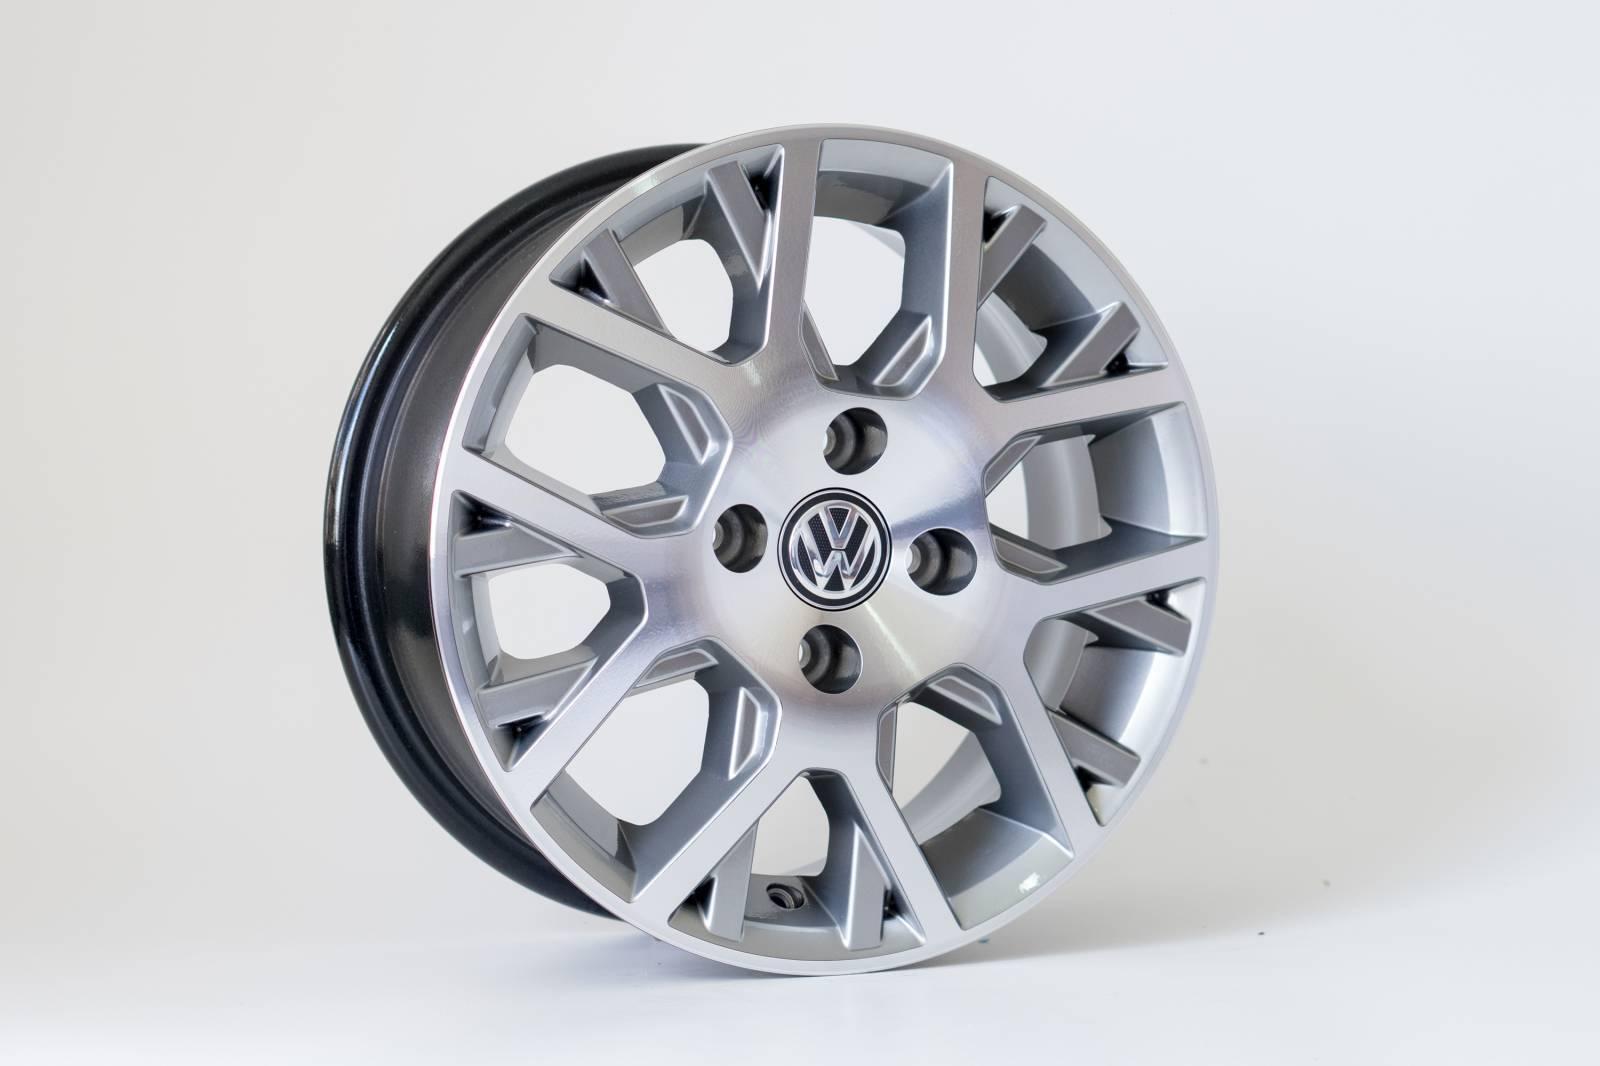 Jogo de 04 Rodas VW Saveiro Cross KR R45 aro 17  4x100 GD